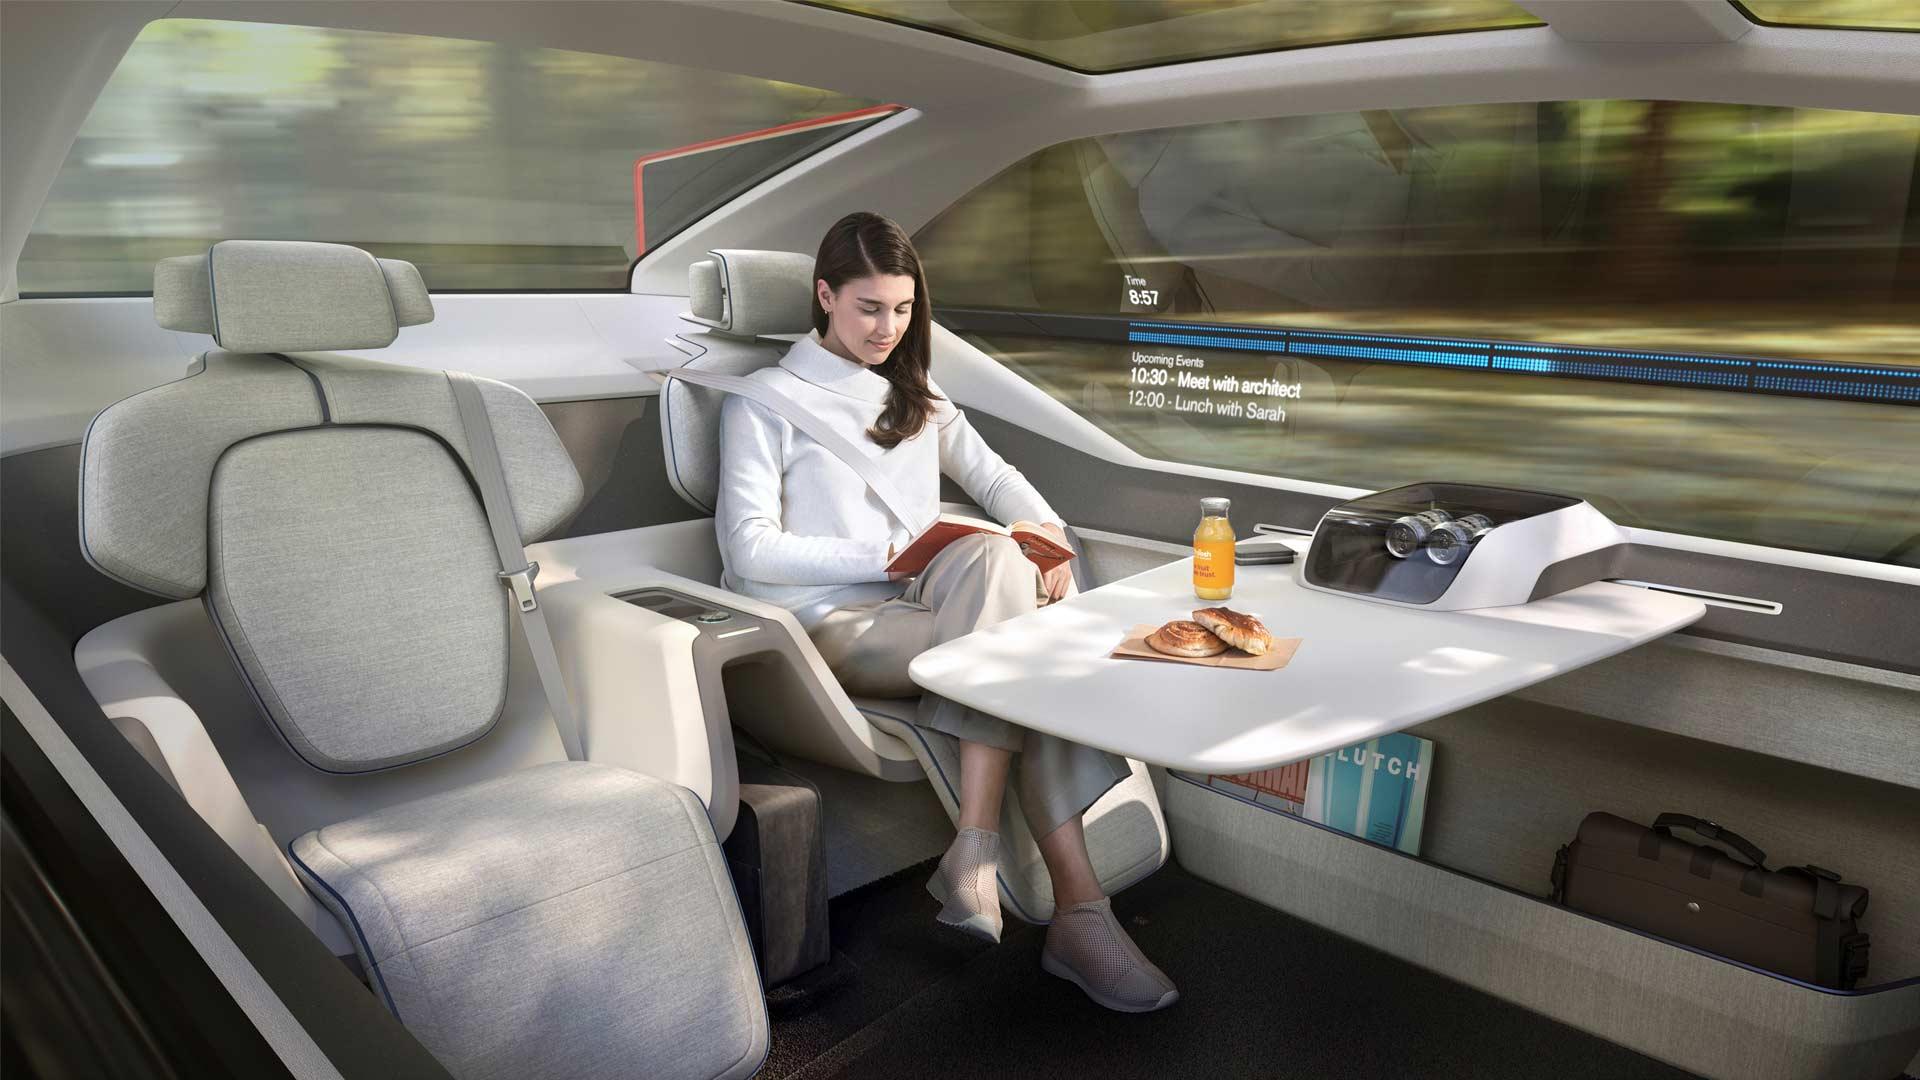 Volvo-360c-autonomous-concept-interior_4